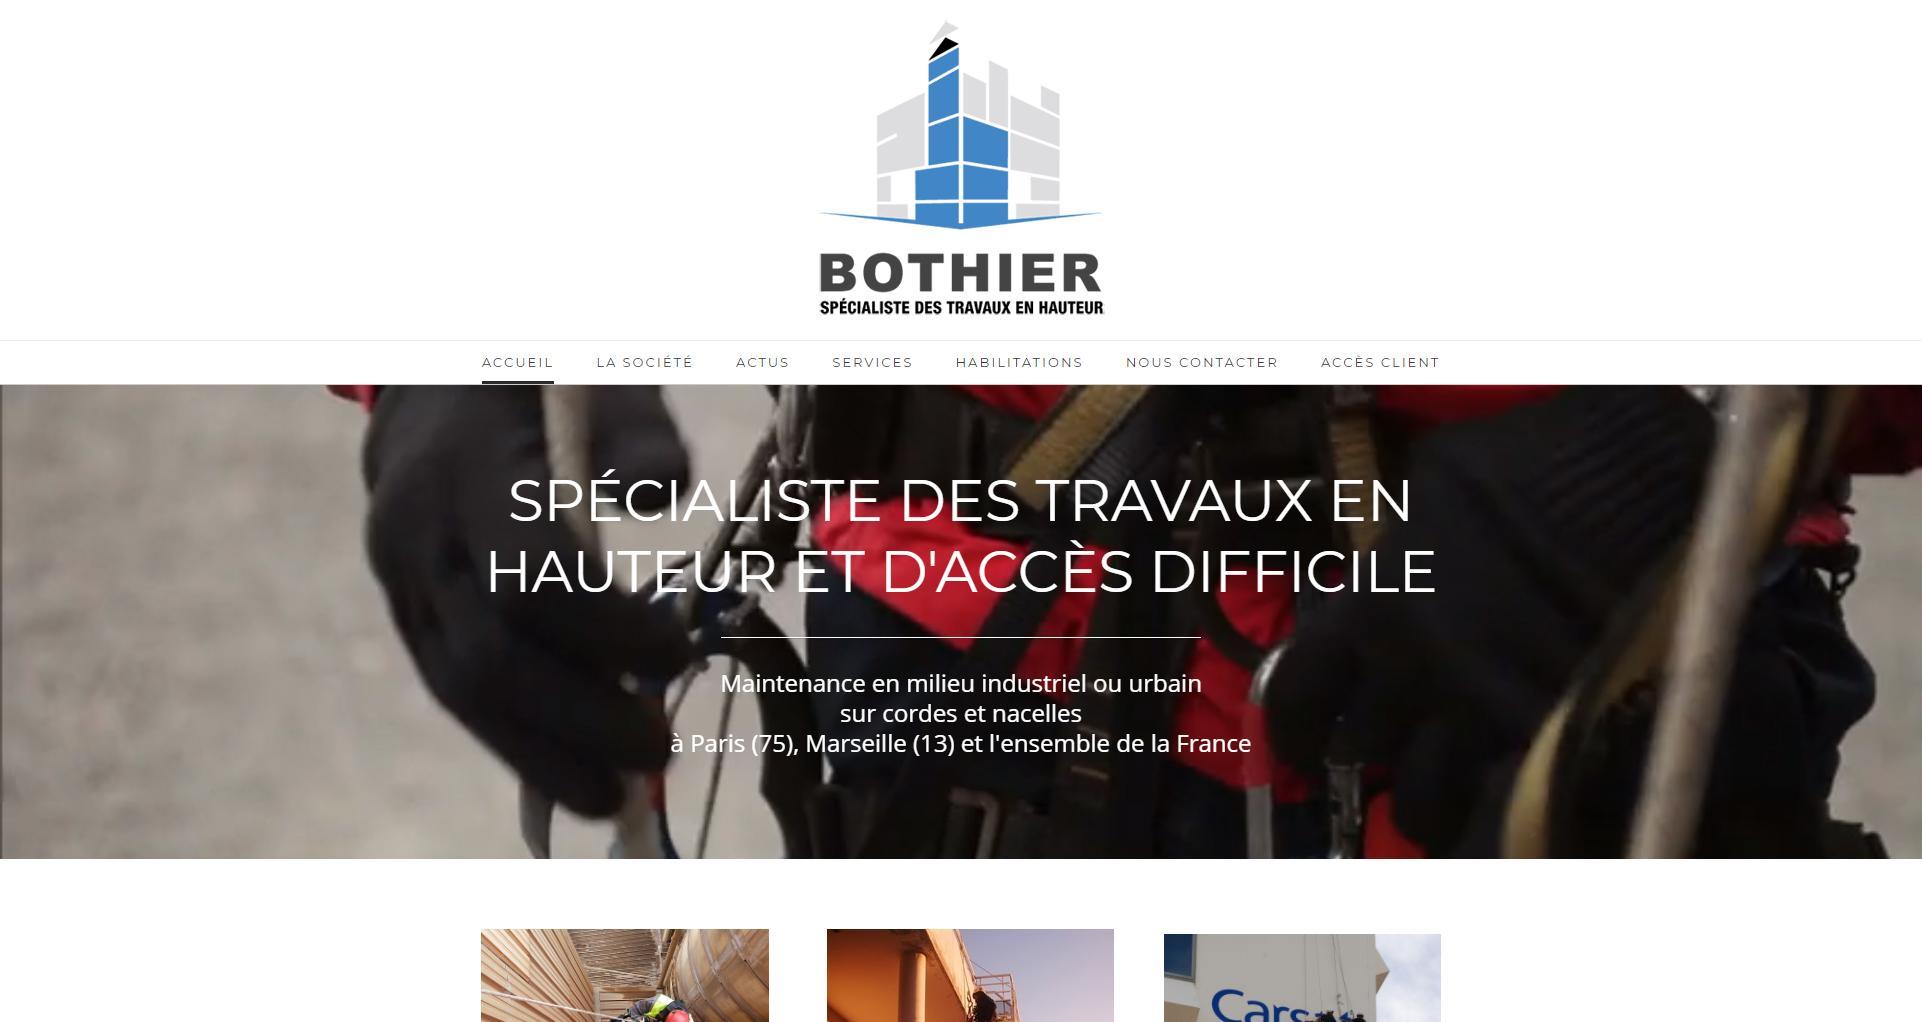 Site web client Bothier - Wstudio